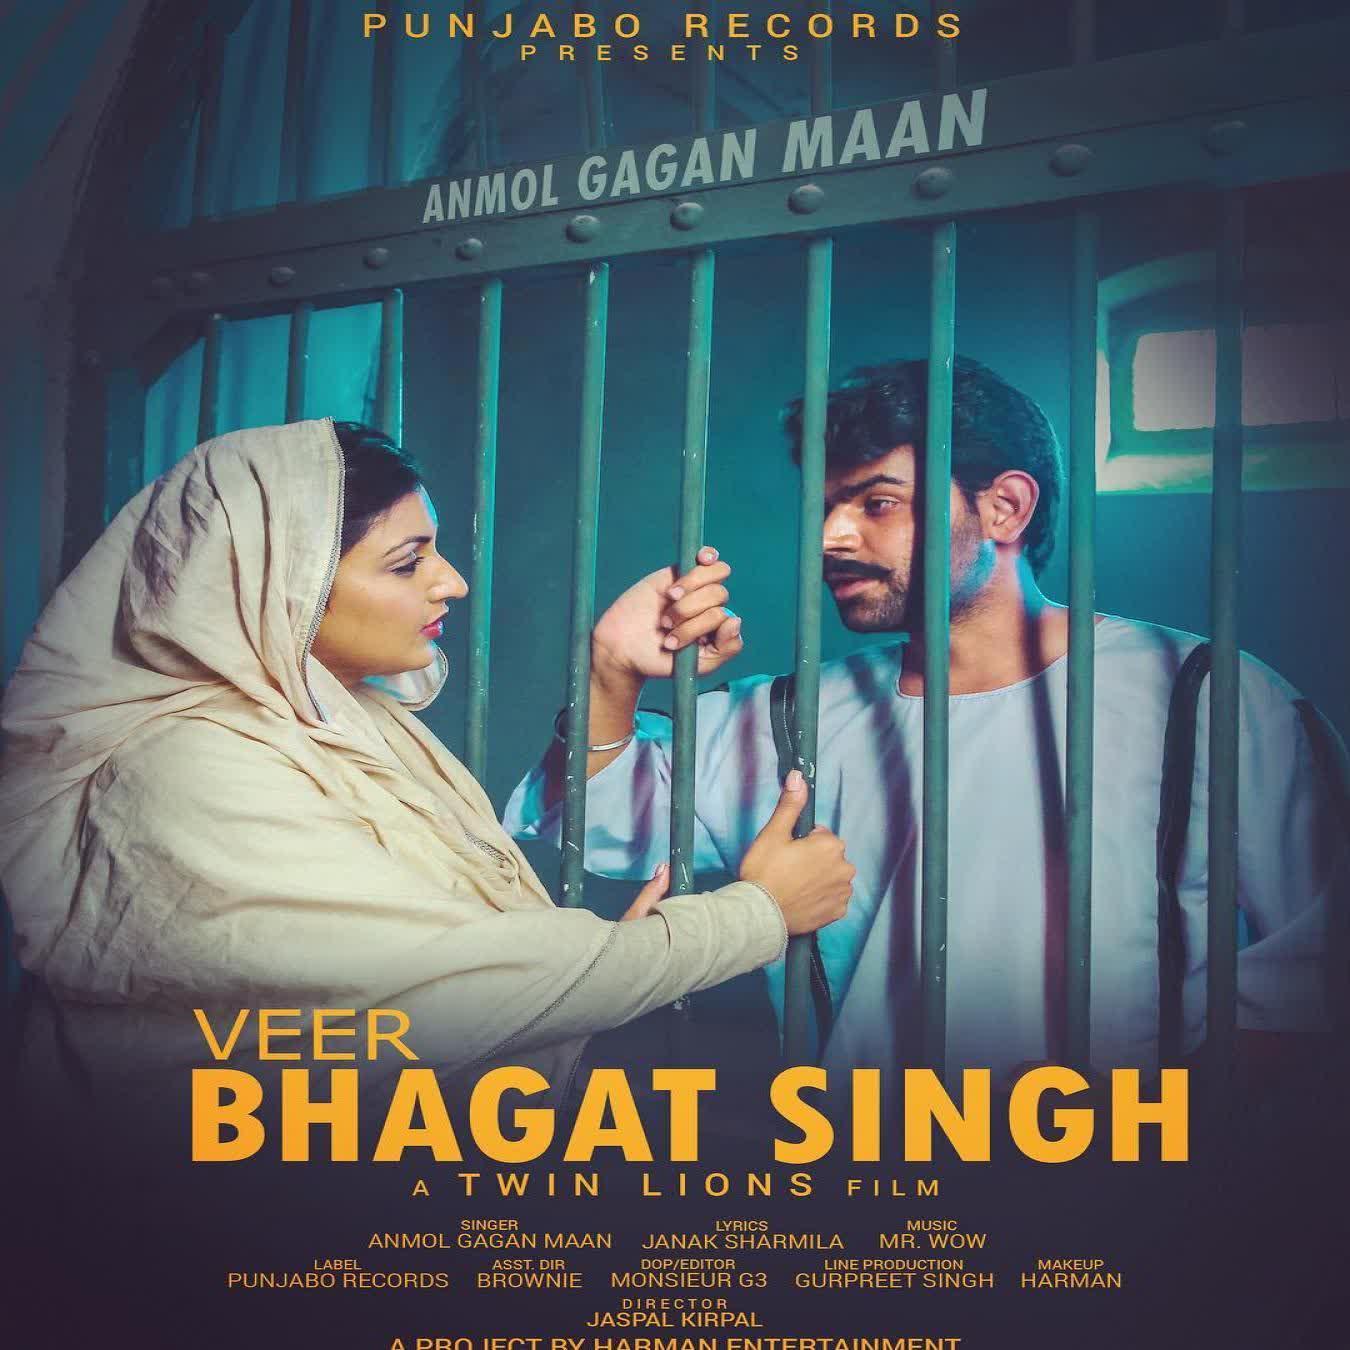 Veer Bhagat Singh Anmol Gagan Maan